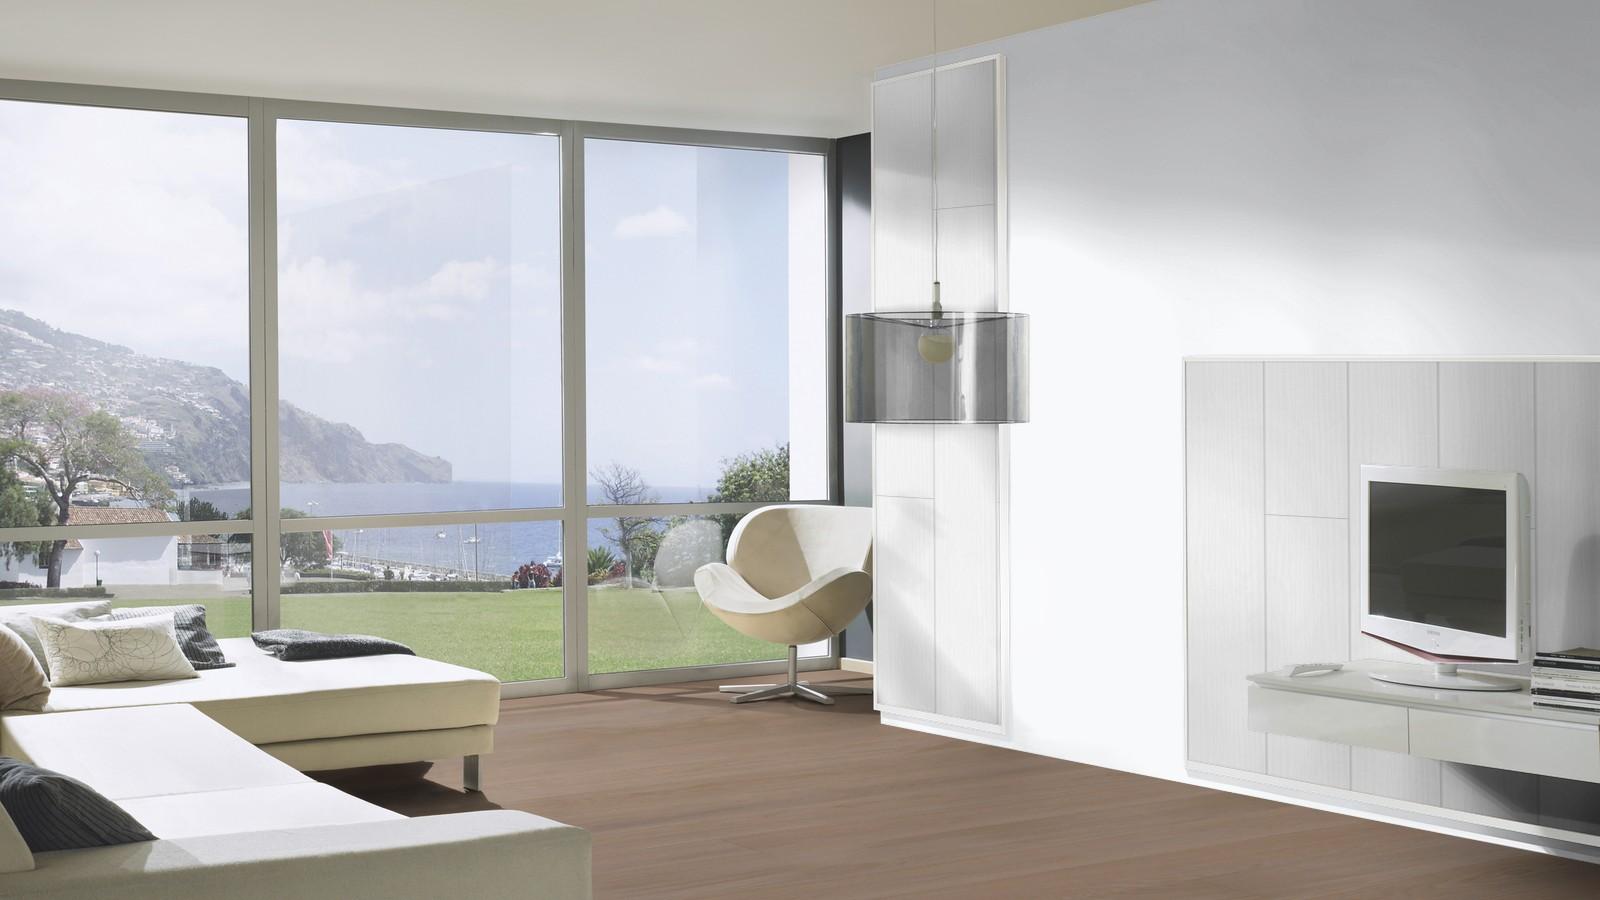 ter h rne straight collection l parkett l d04 eiche sanftgrau l landhausdiele preisbrecher 24. Black Bedroom Furniture Sets. Home Design Ideas